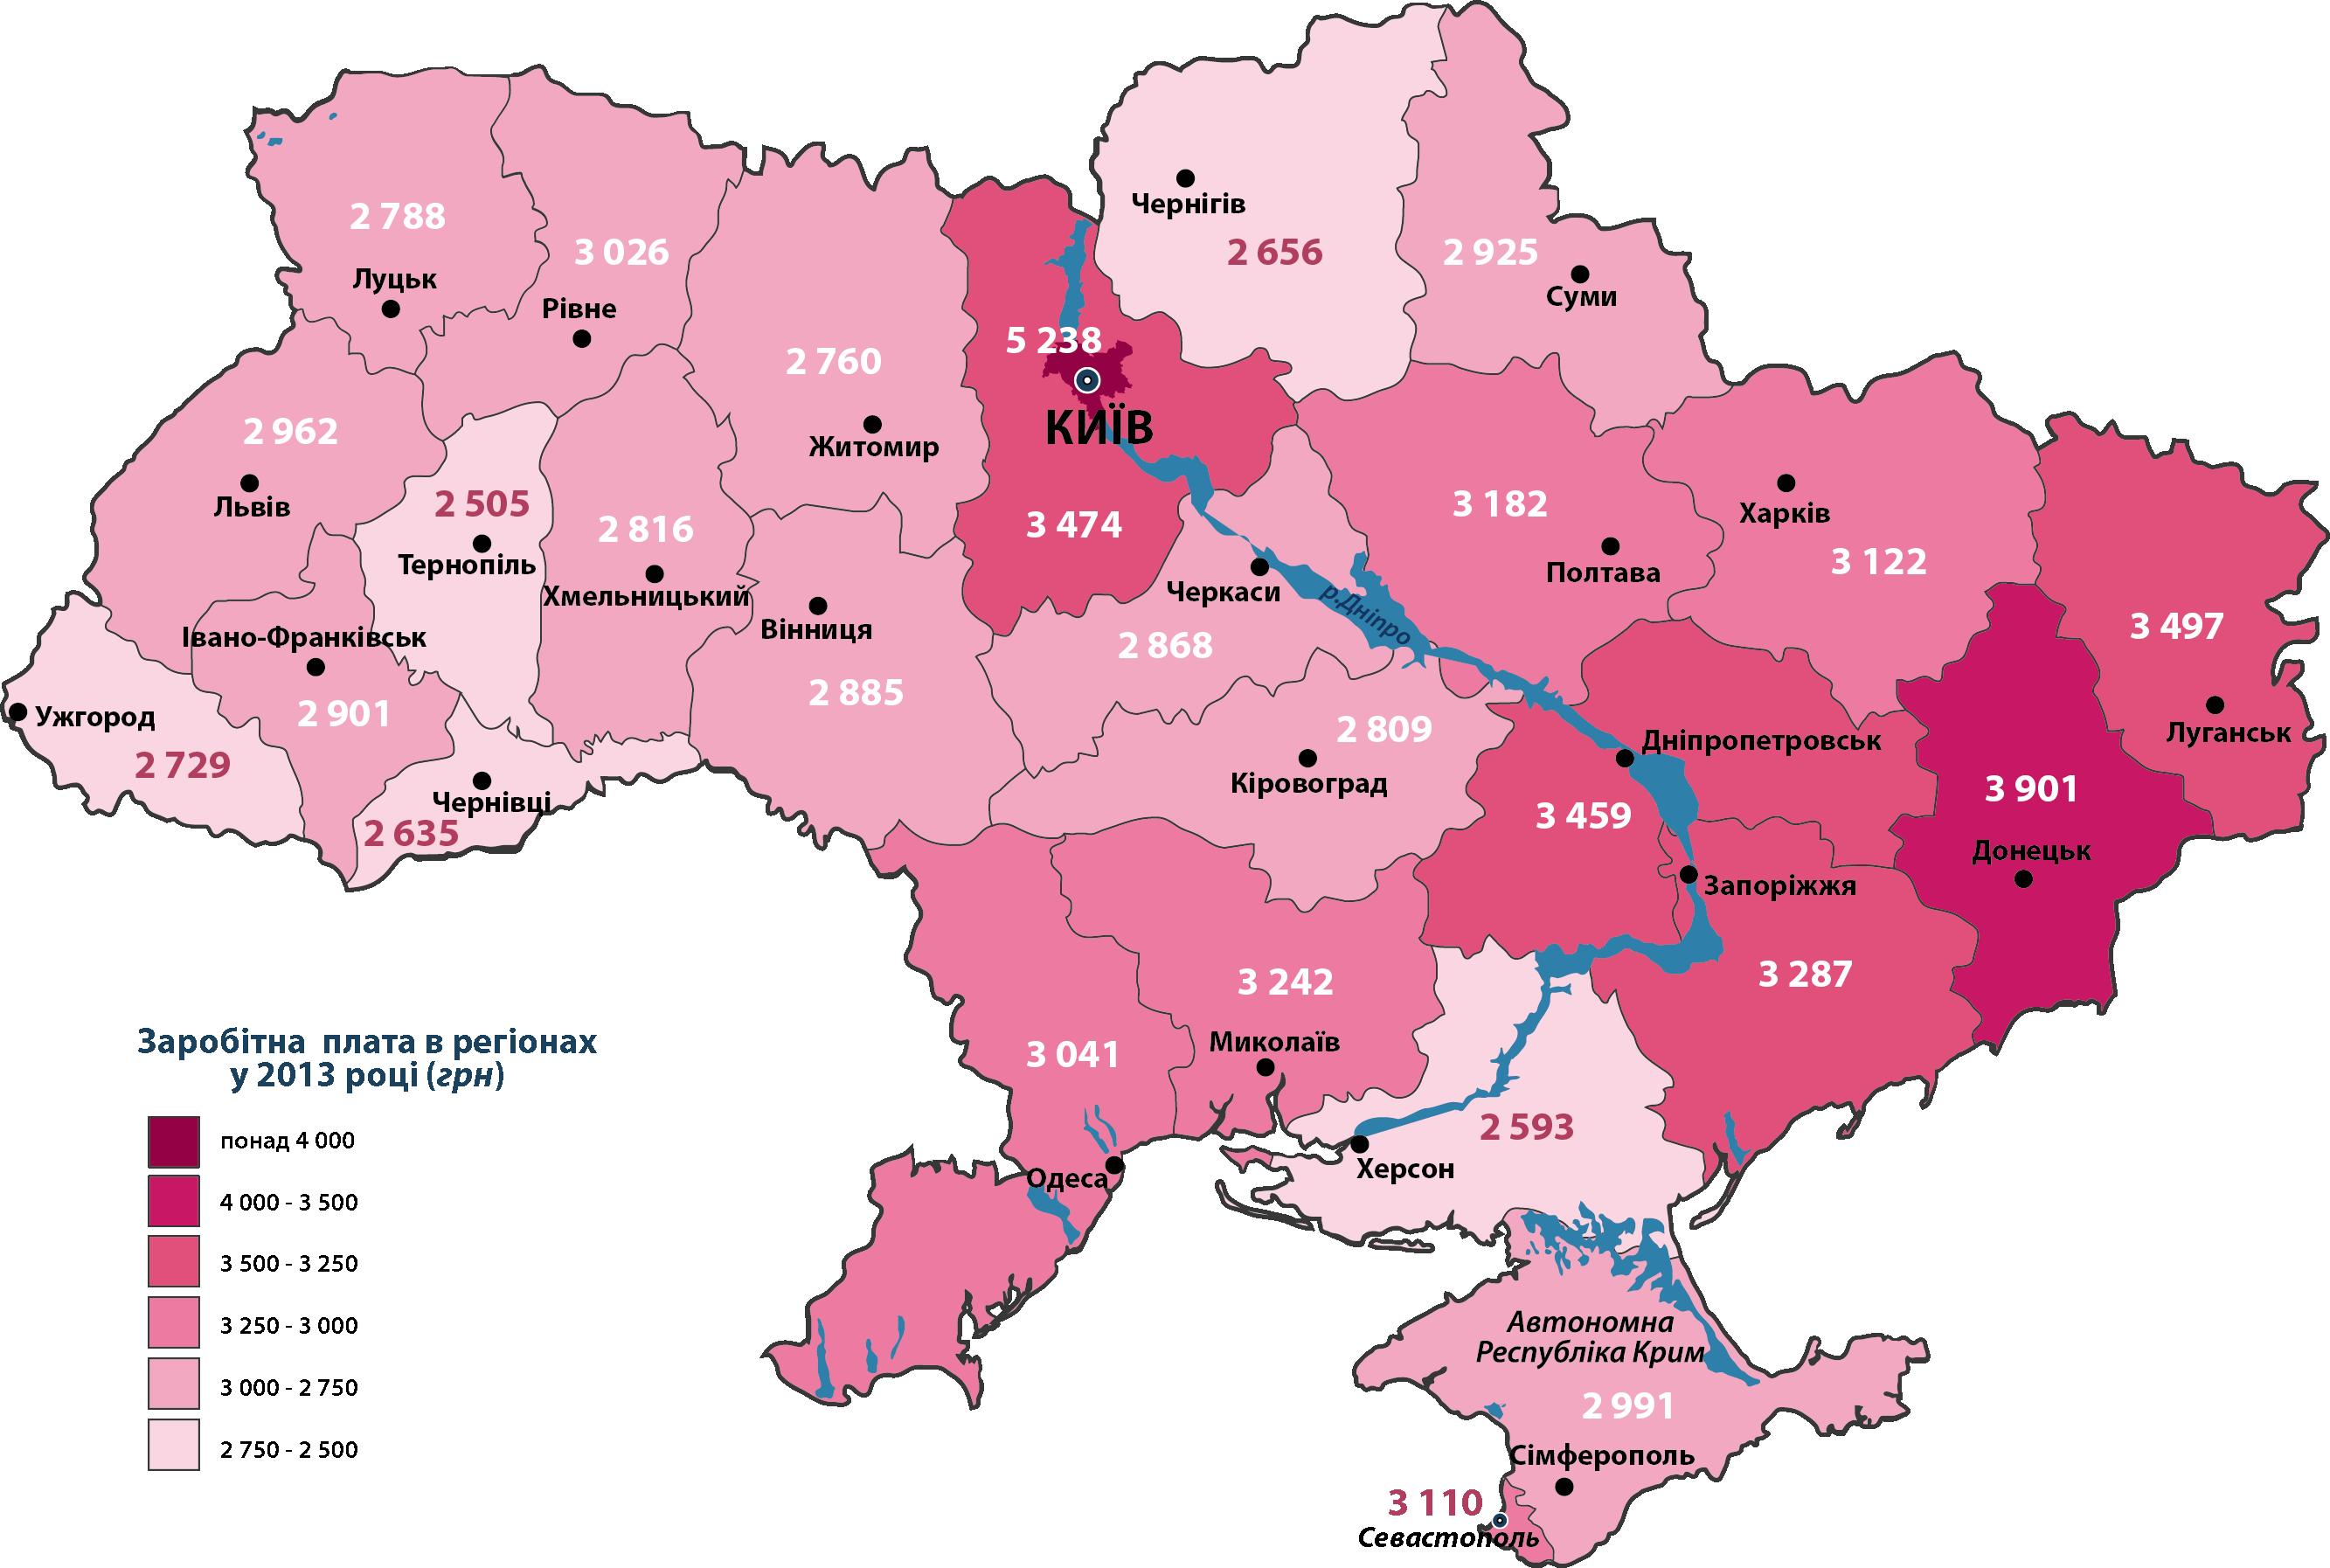 Карте средних зарплат по Украине